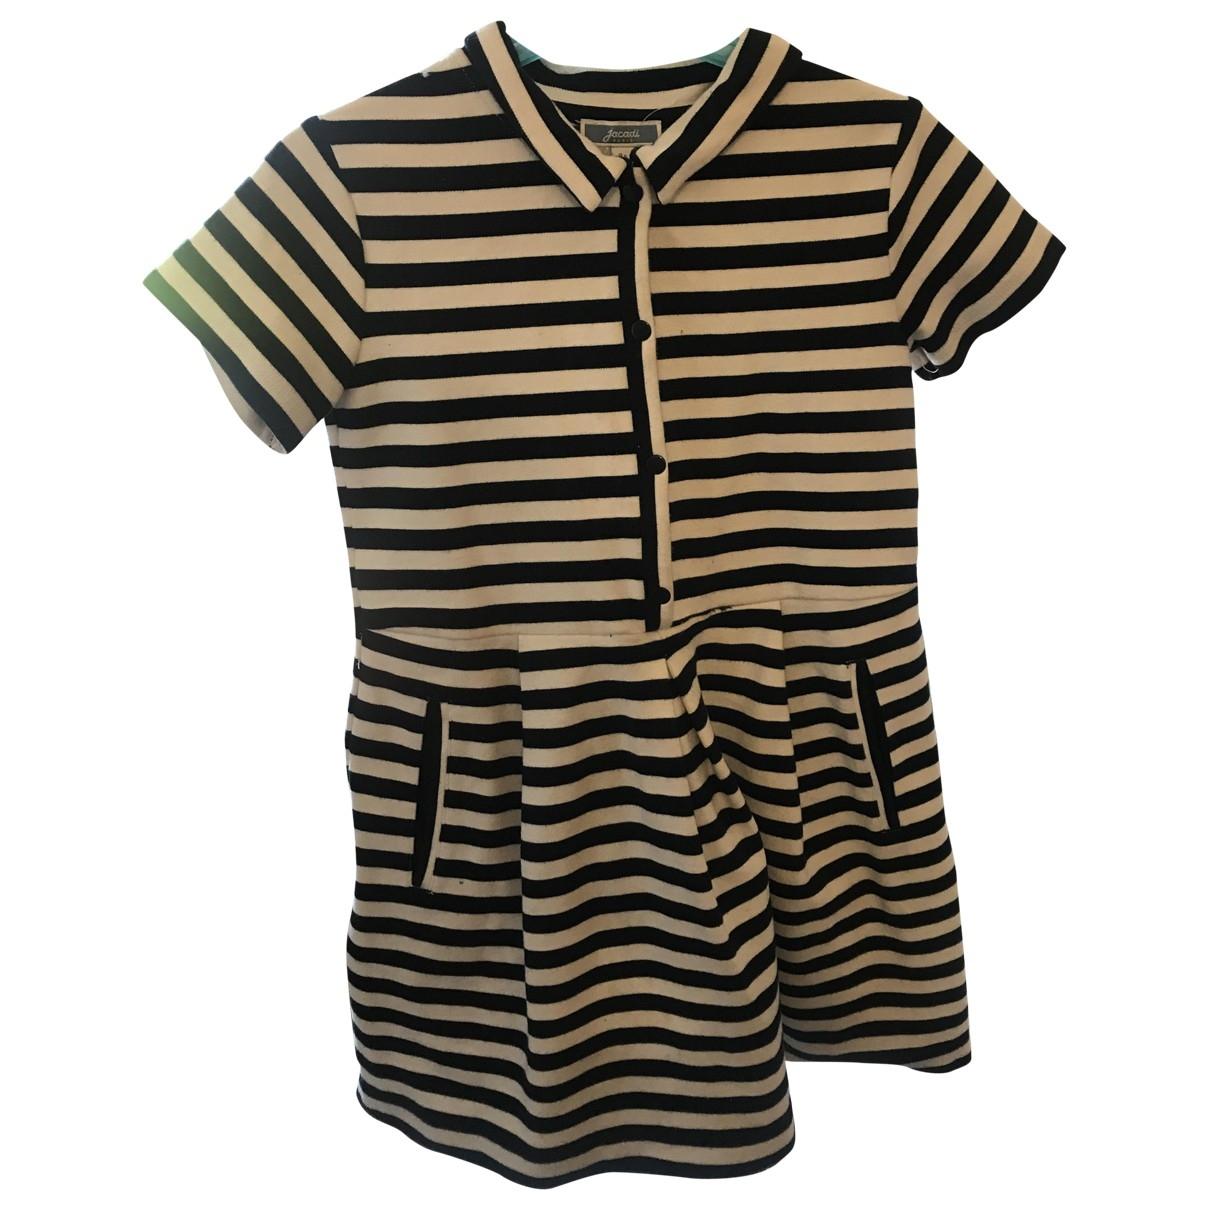 Jacadi \N Kleid in Baumwolle - Elasthan